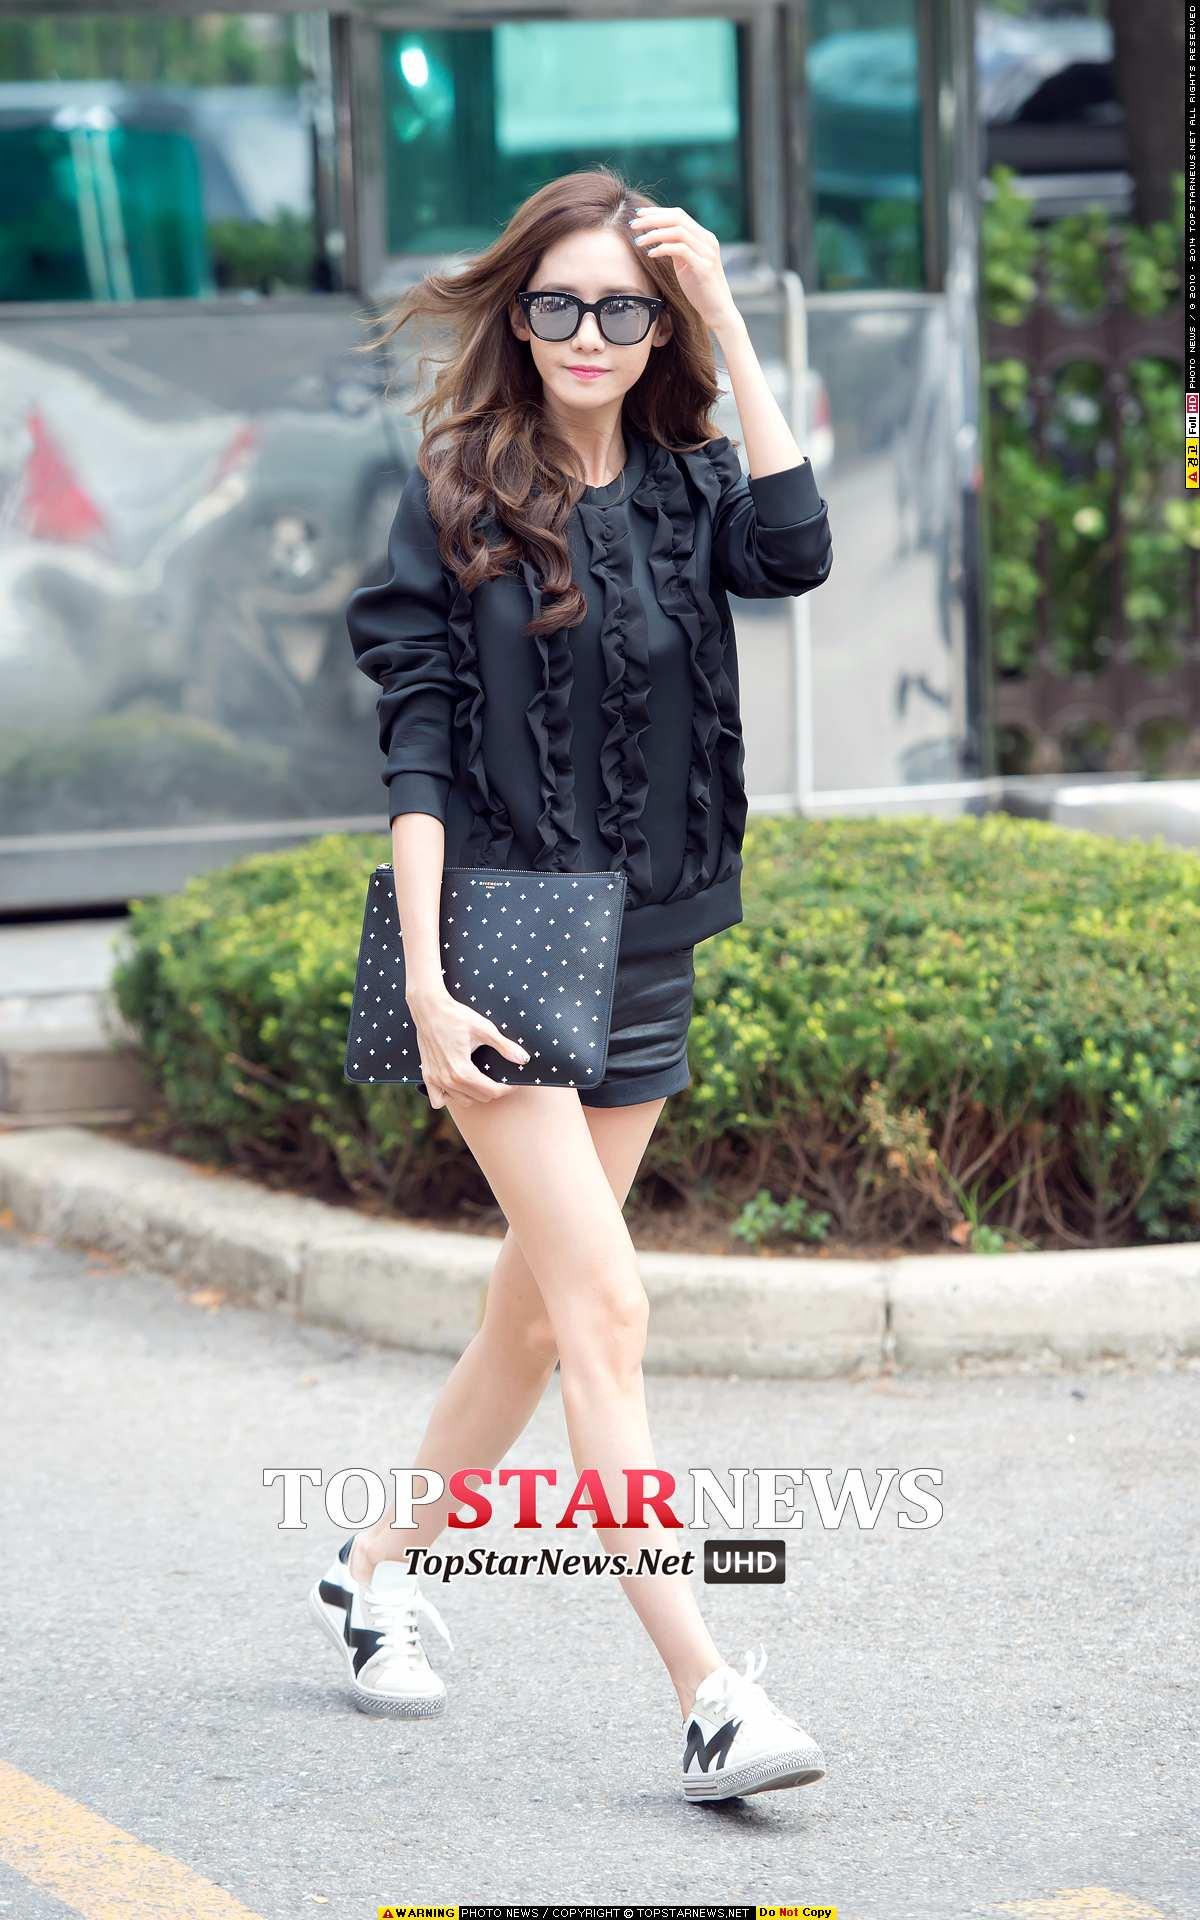 少女時代 -潤娥 即使沒有高跟鞋,穿上短褲也覺得變得更高挑了點